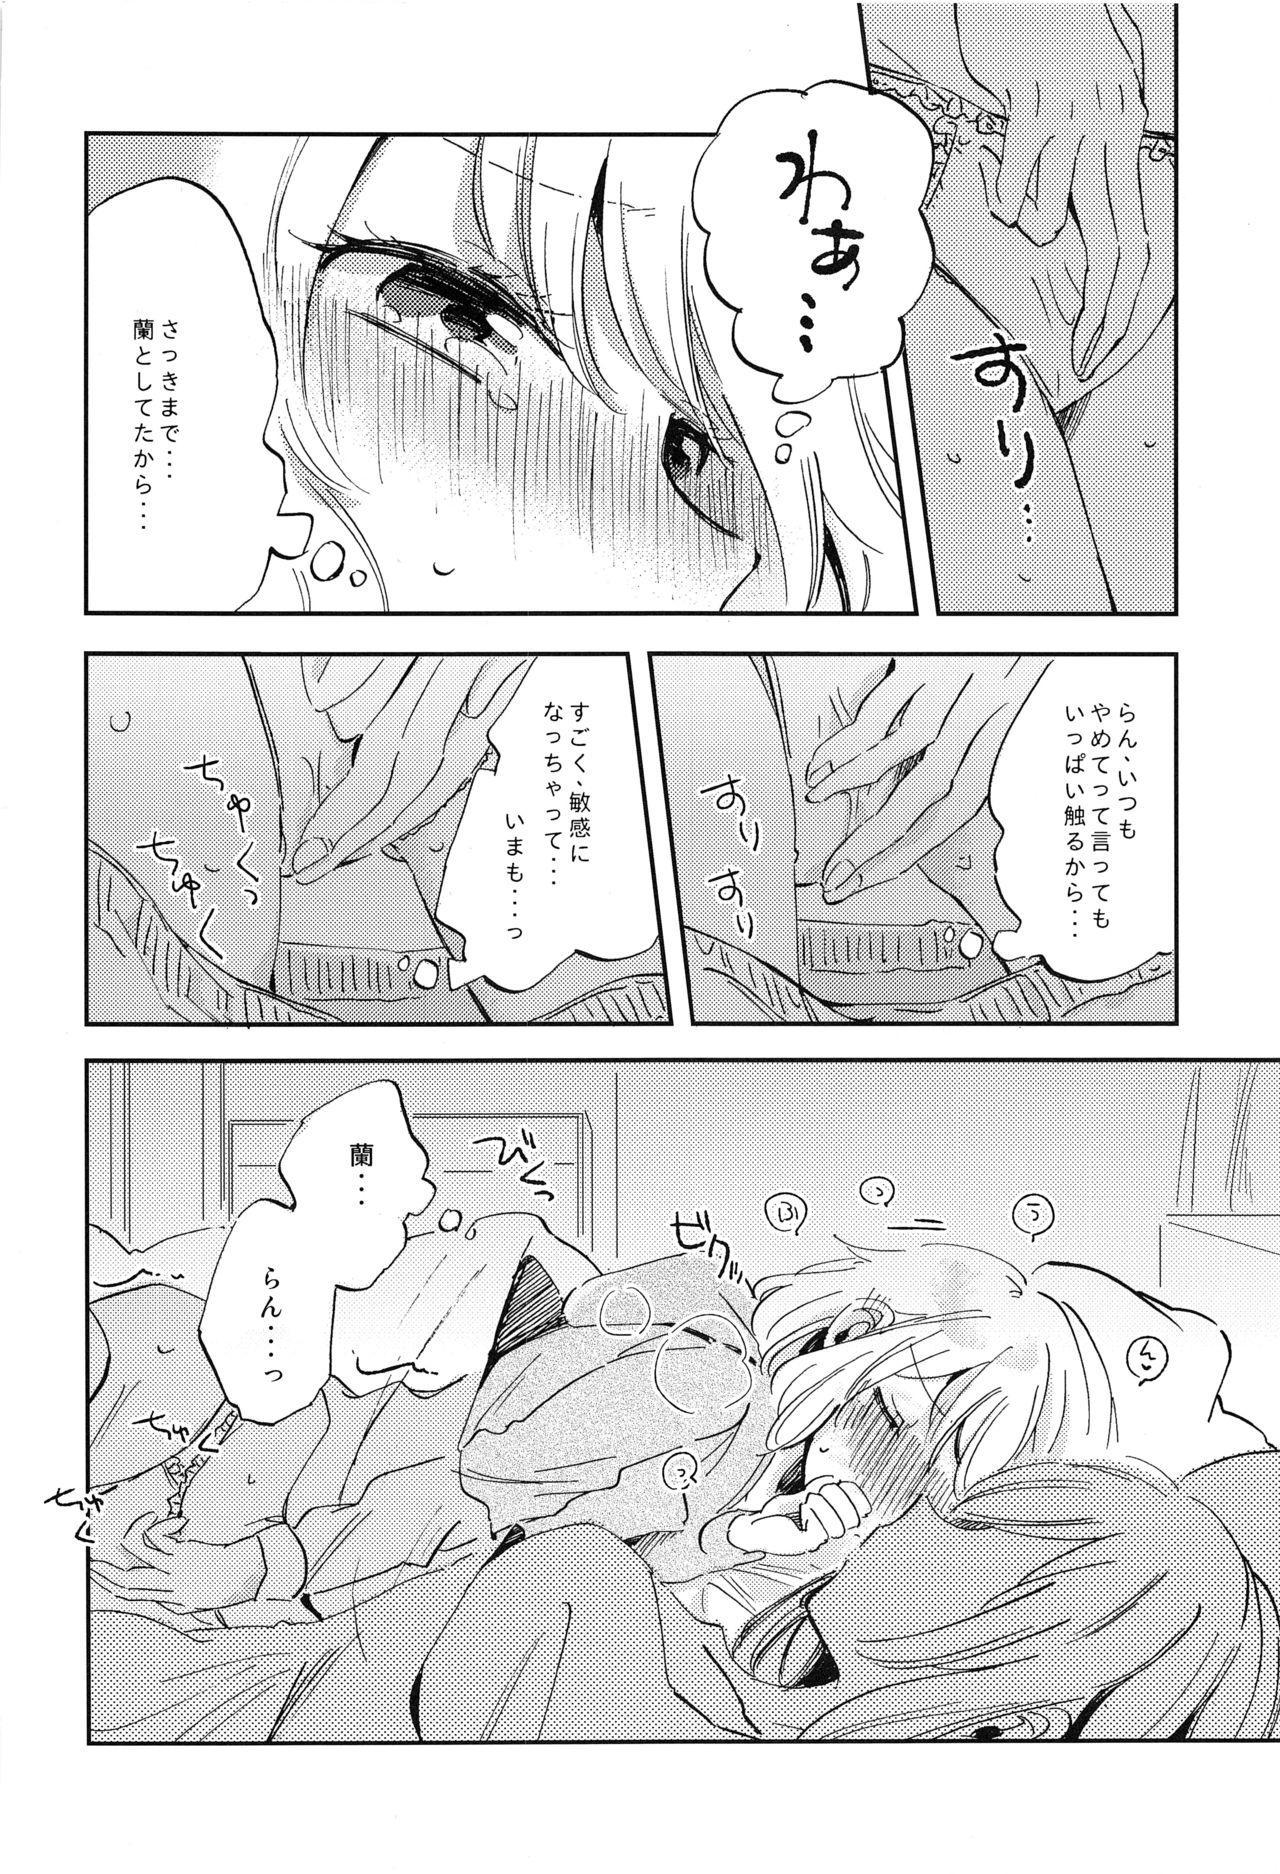 Futari de Iru kara Dekiru Koto 4